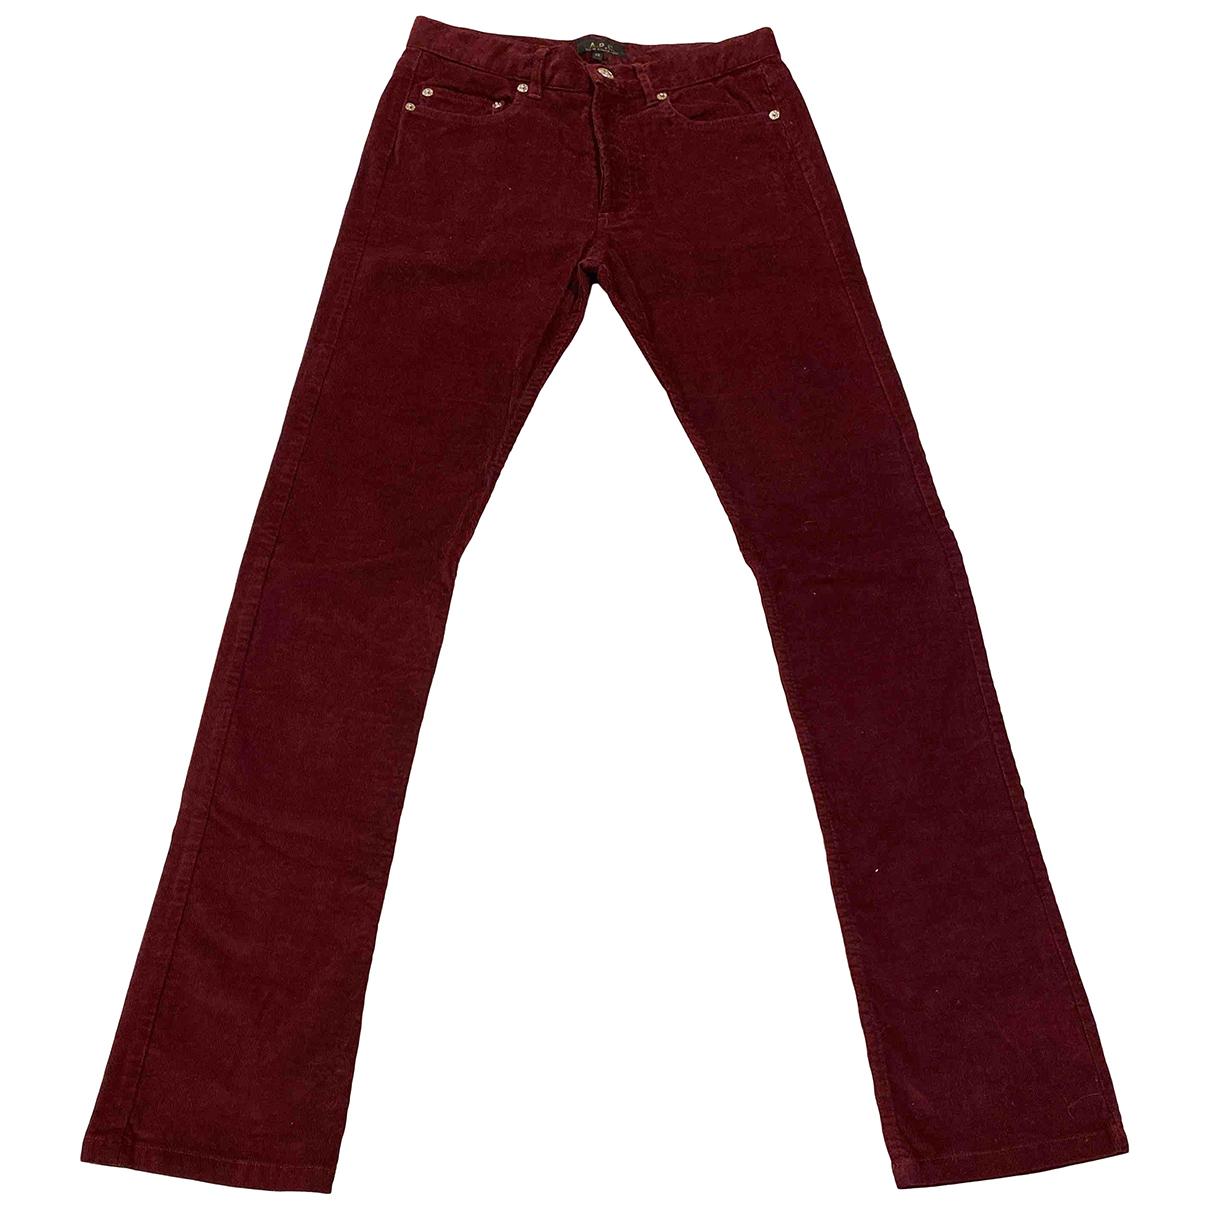 Apc - Pantalon   pour homme en velours - violet